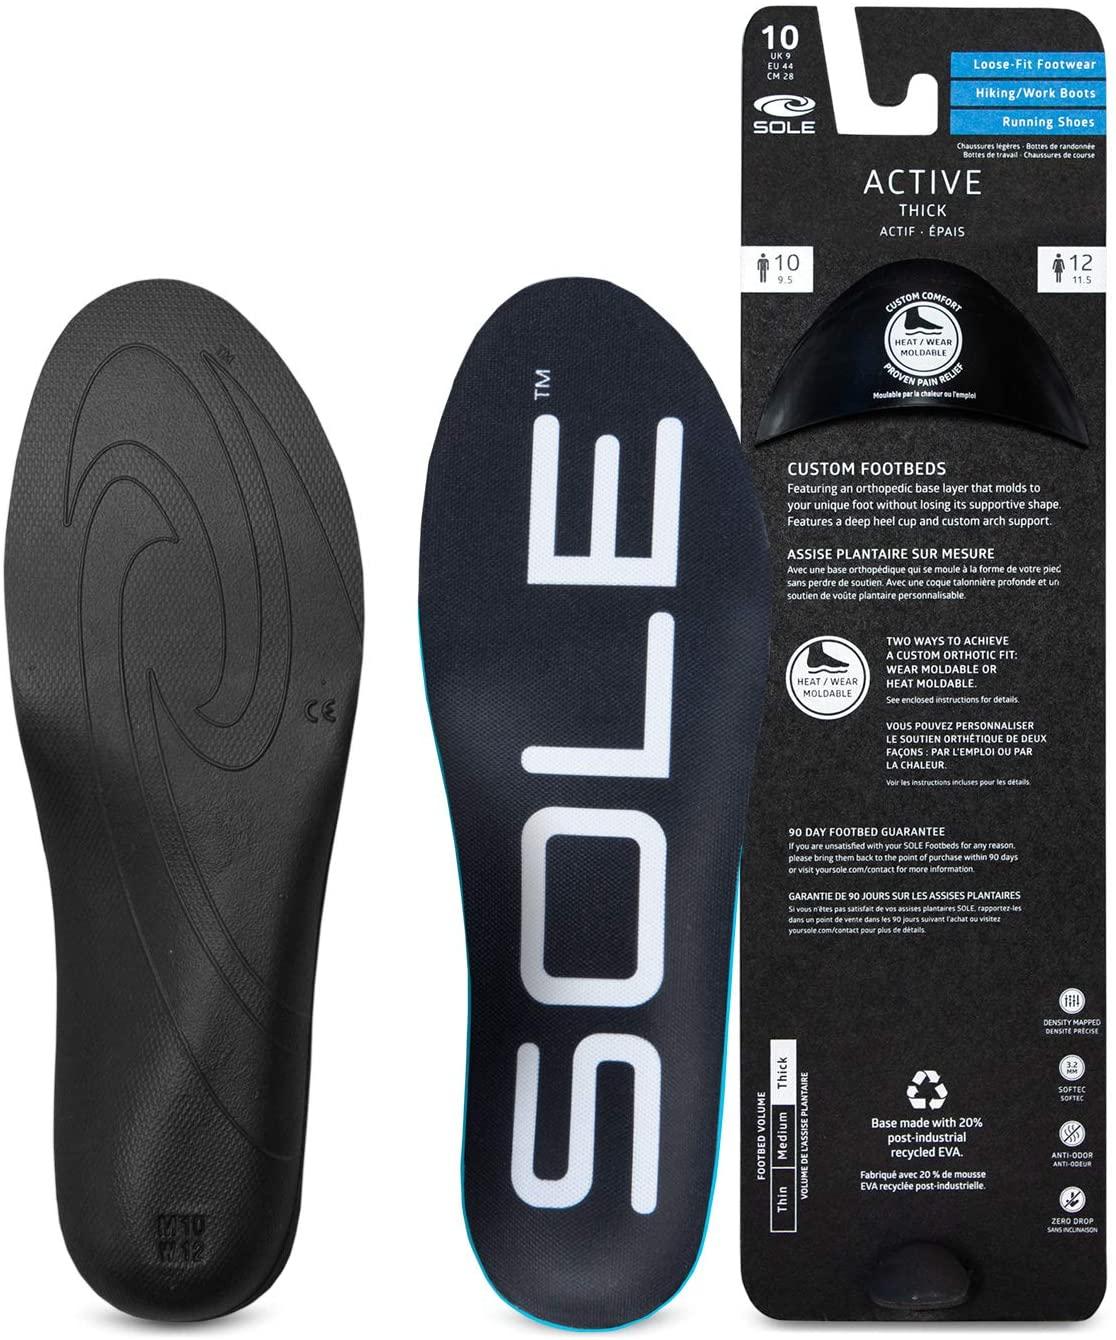 SOLE Active Thick Shoe Insoles - Men's Size 8/Women's Size 10